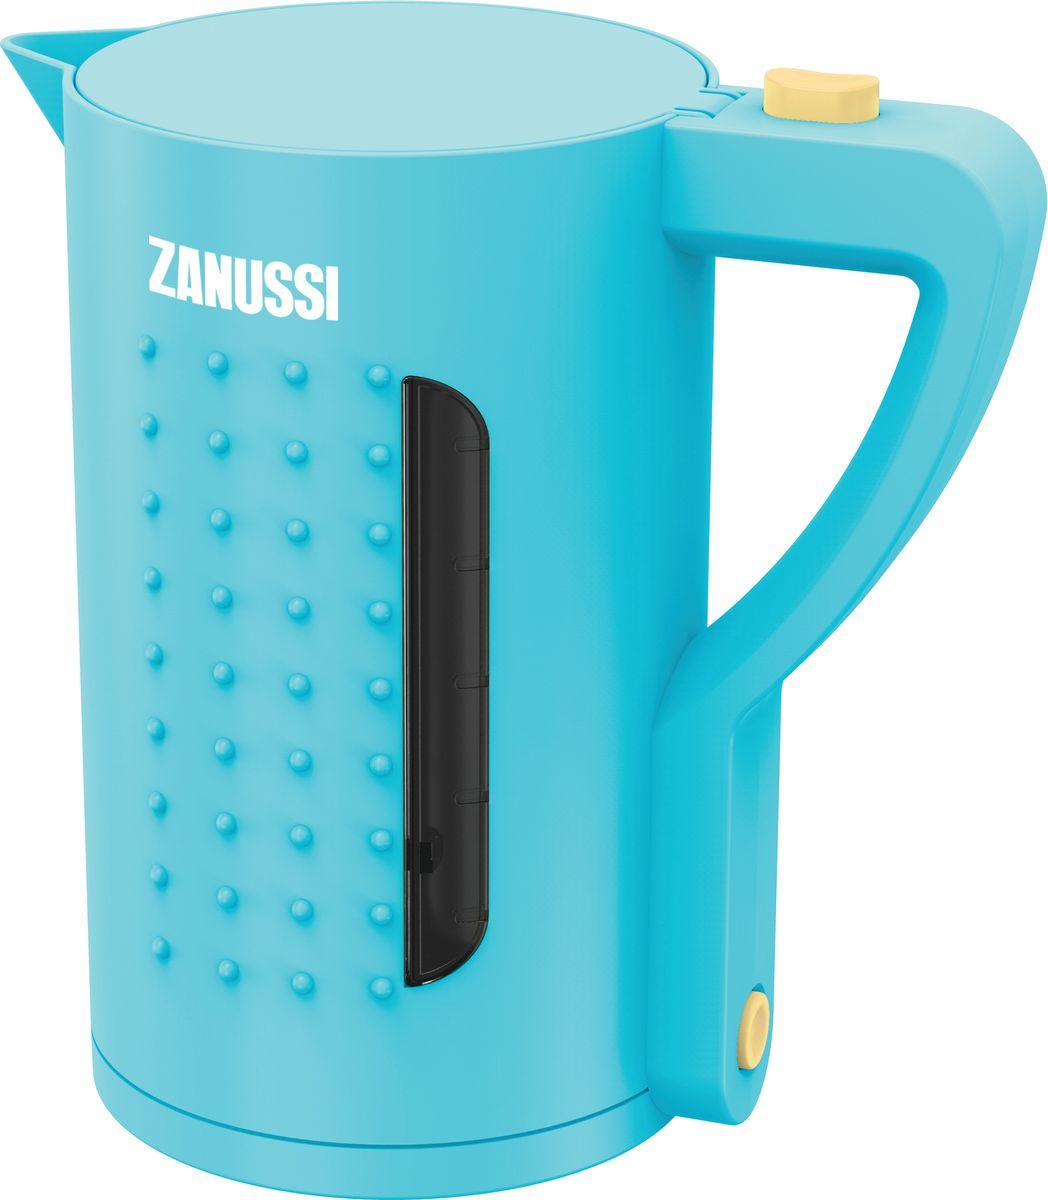 HTI Игрушечный электрический чайник Zanussi hti игровой набор микроволновая печь zanussi